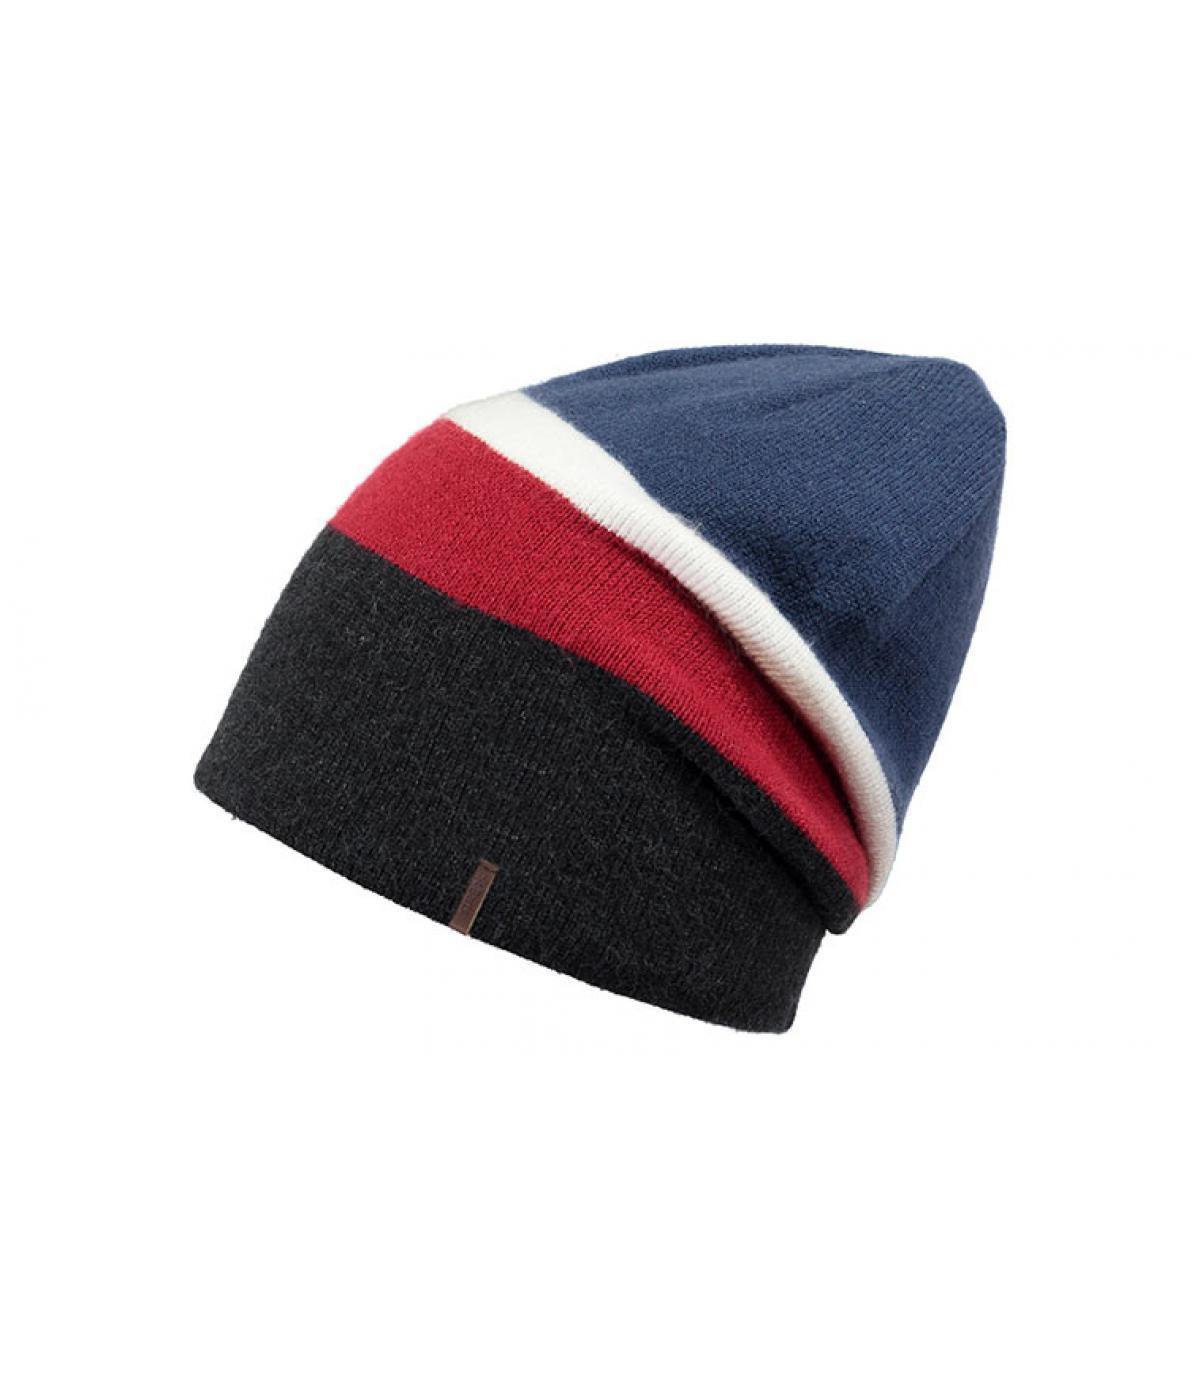 bonnet long noir bleu rouge